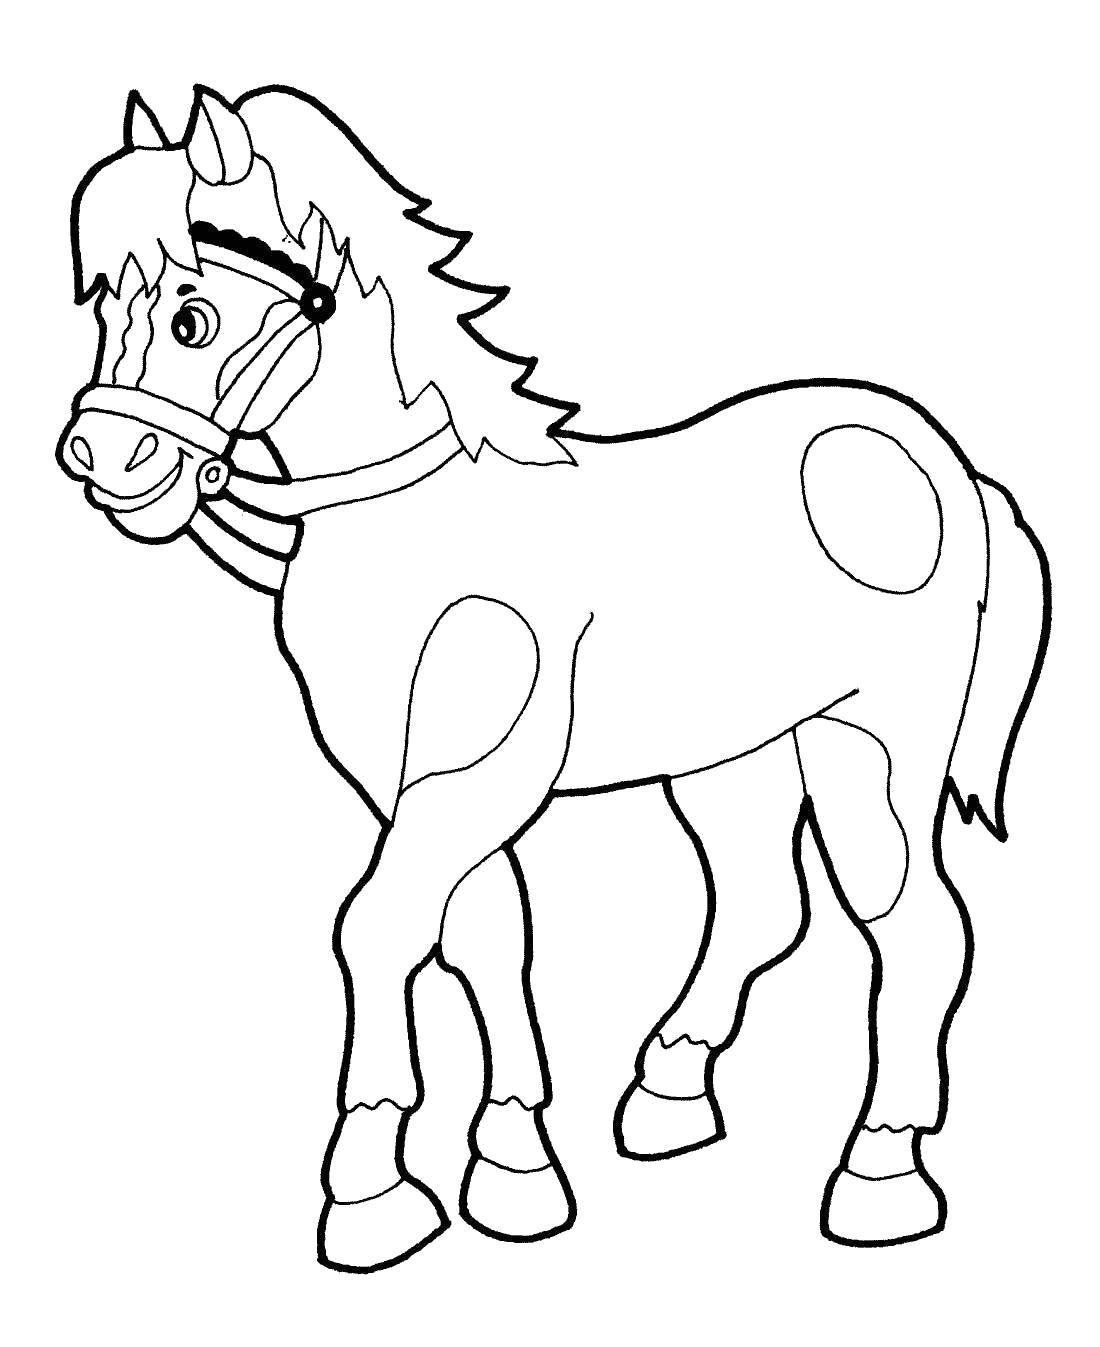 Лошадка с кружками Раскраски с цветами распечатать бесплатно